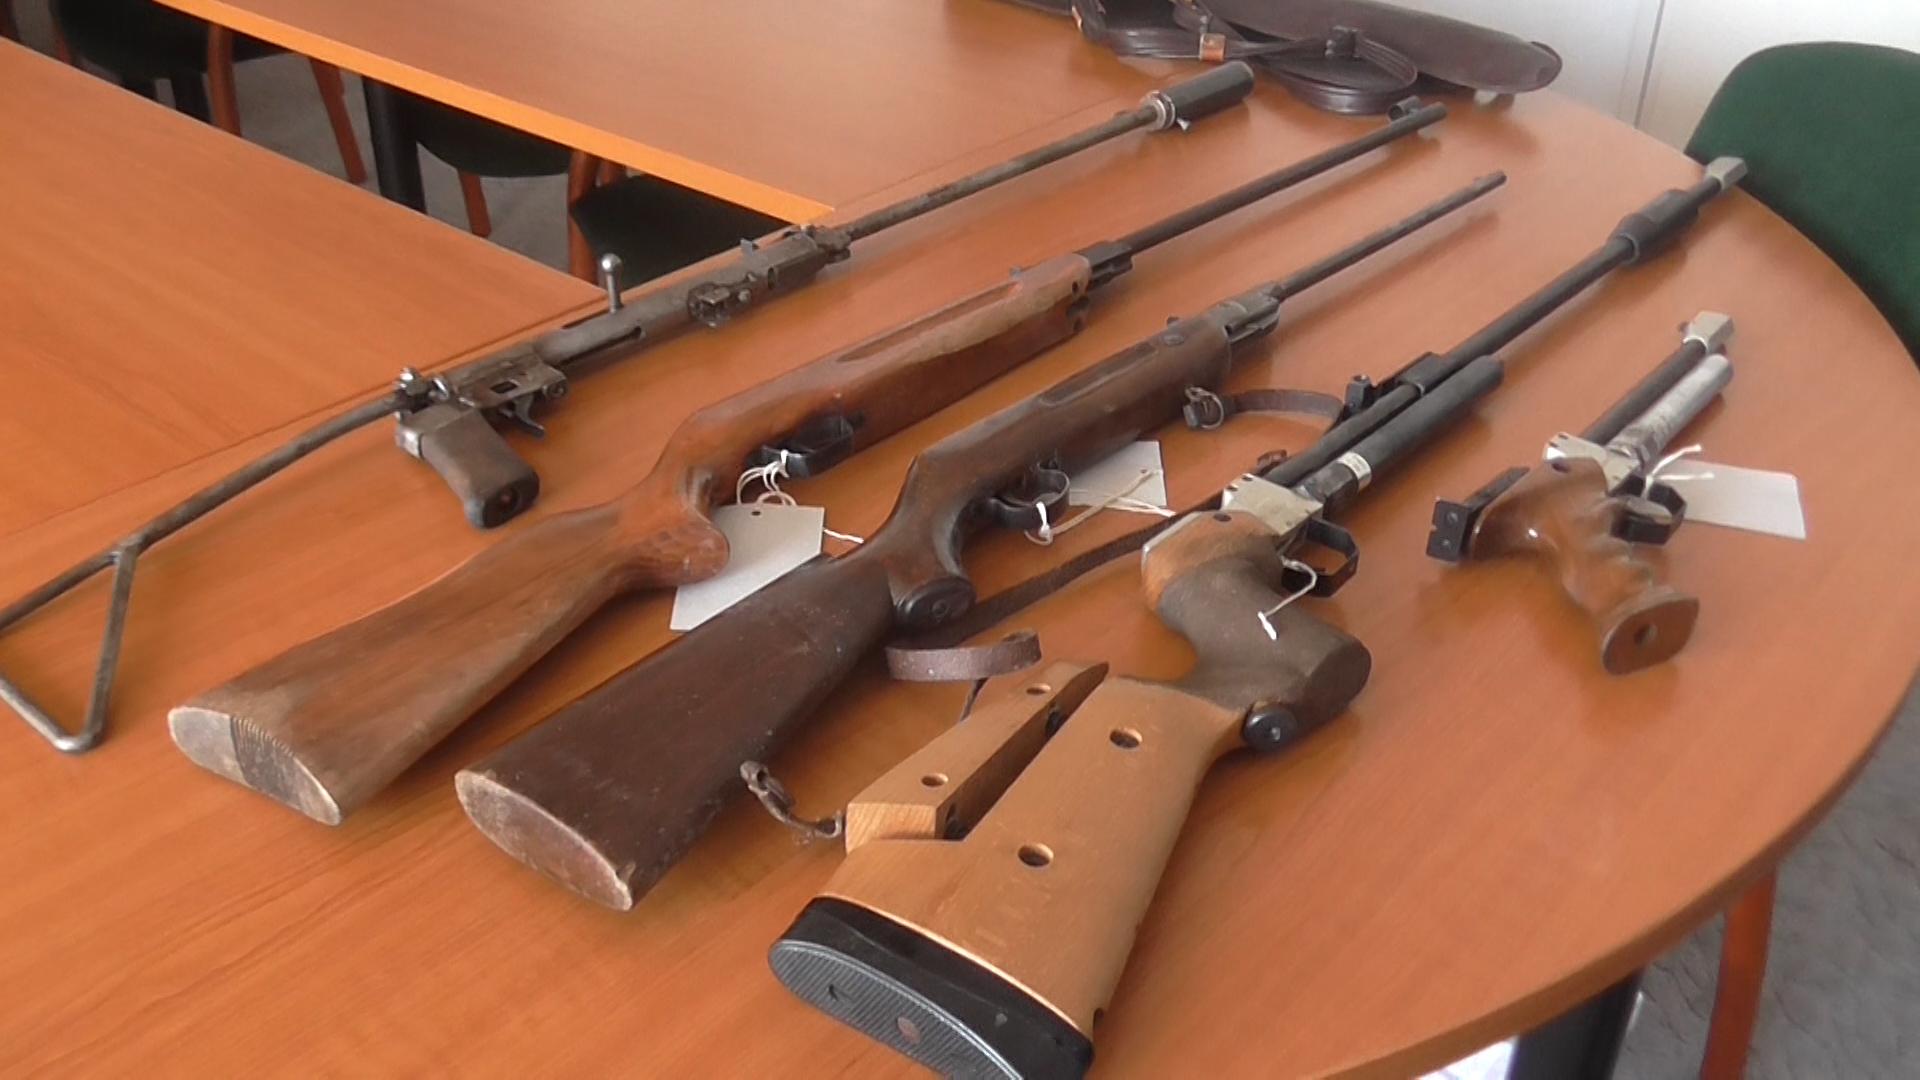 Fegyvereket is találtak egy cserbenhagyásos gázolónál